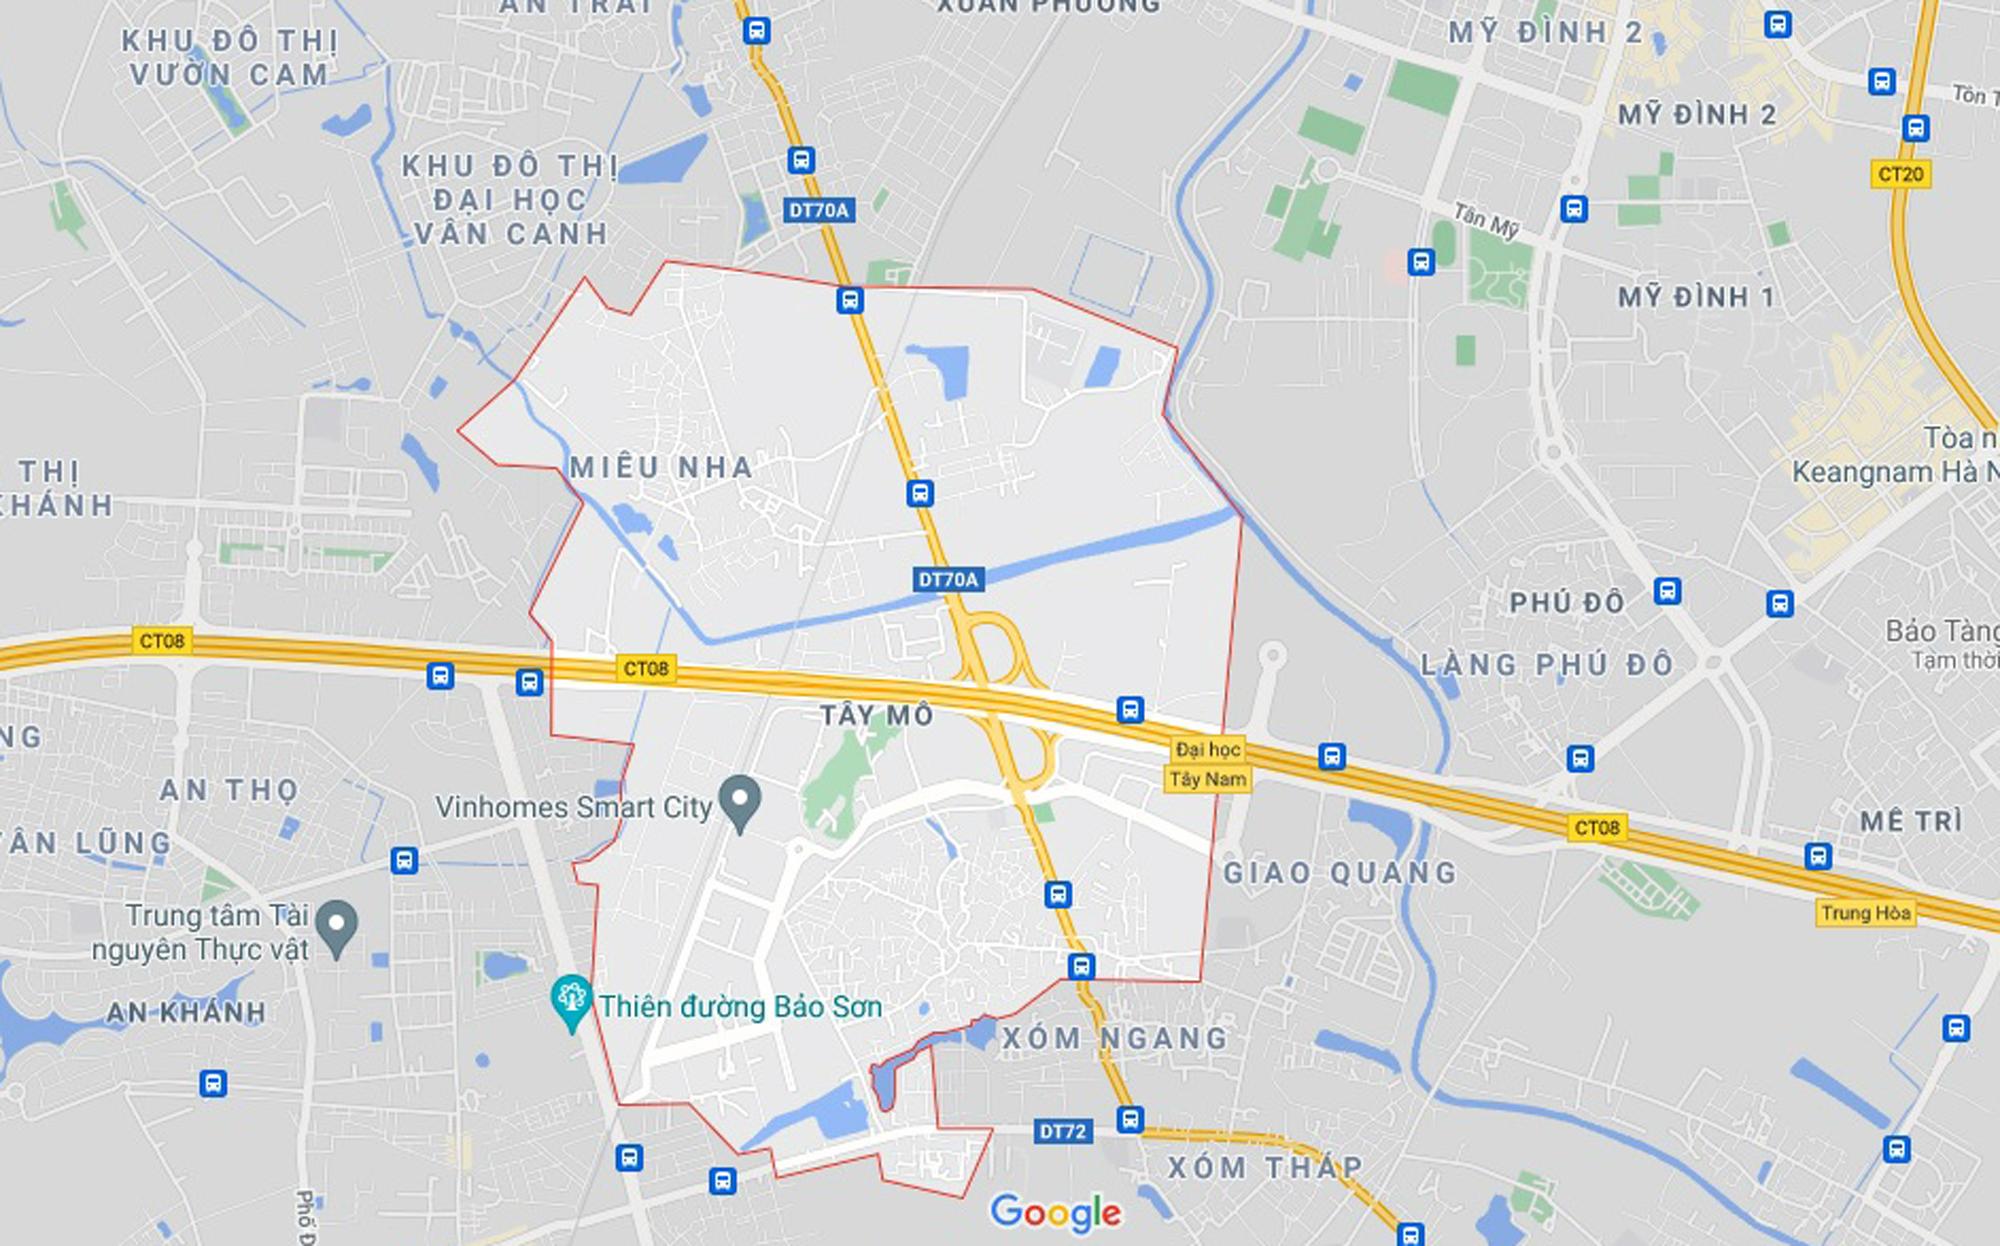 Những khu đất sắp thu hồi để mở đường ở phường Tây Mỗ, Nam Từ Liêm, Hà Nội (phần 5) - Ảnh 1.